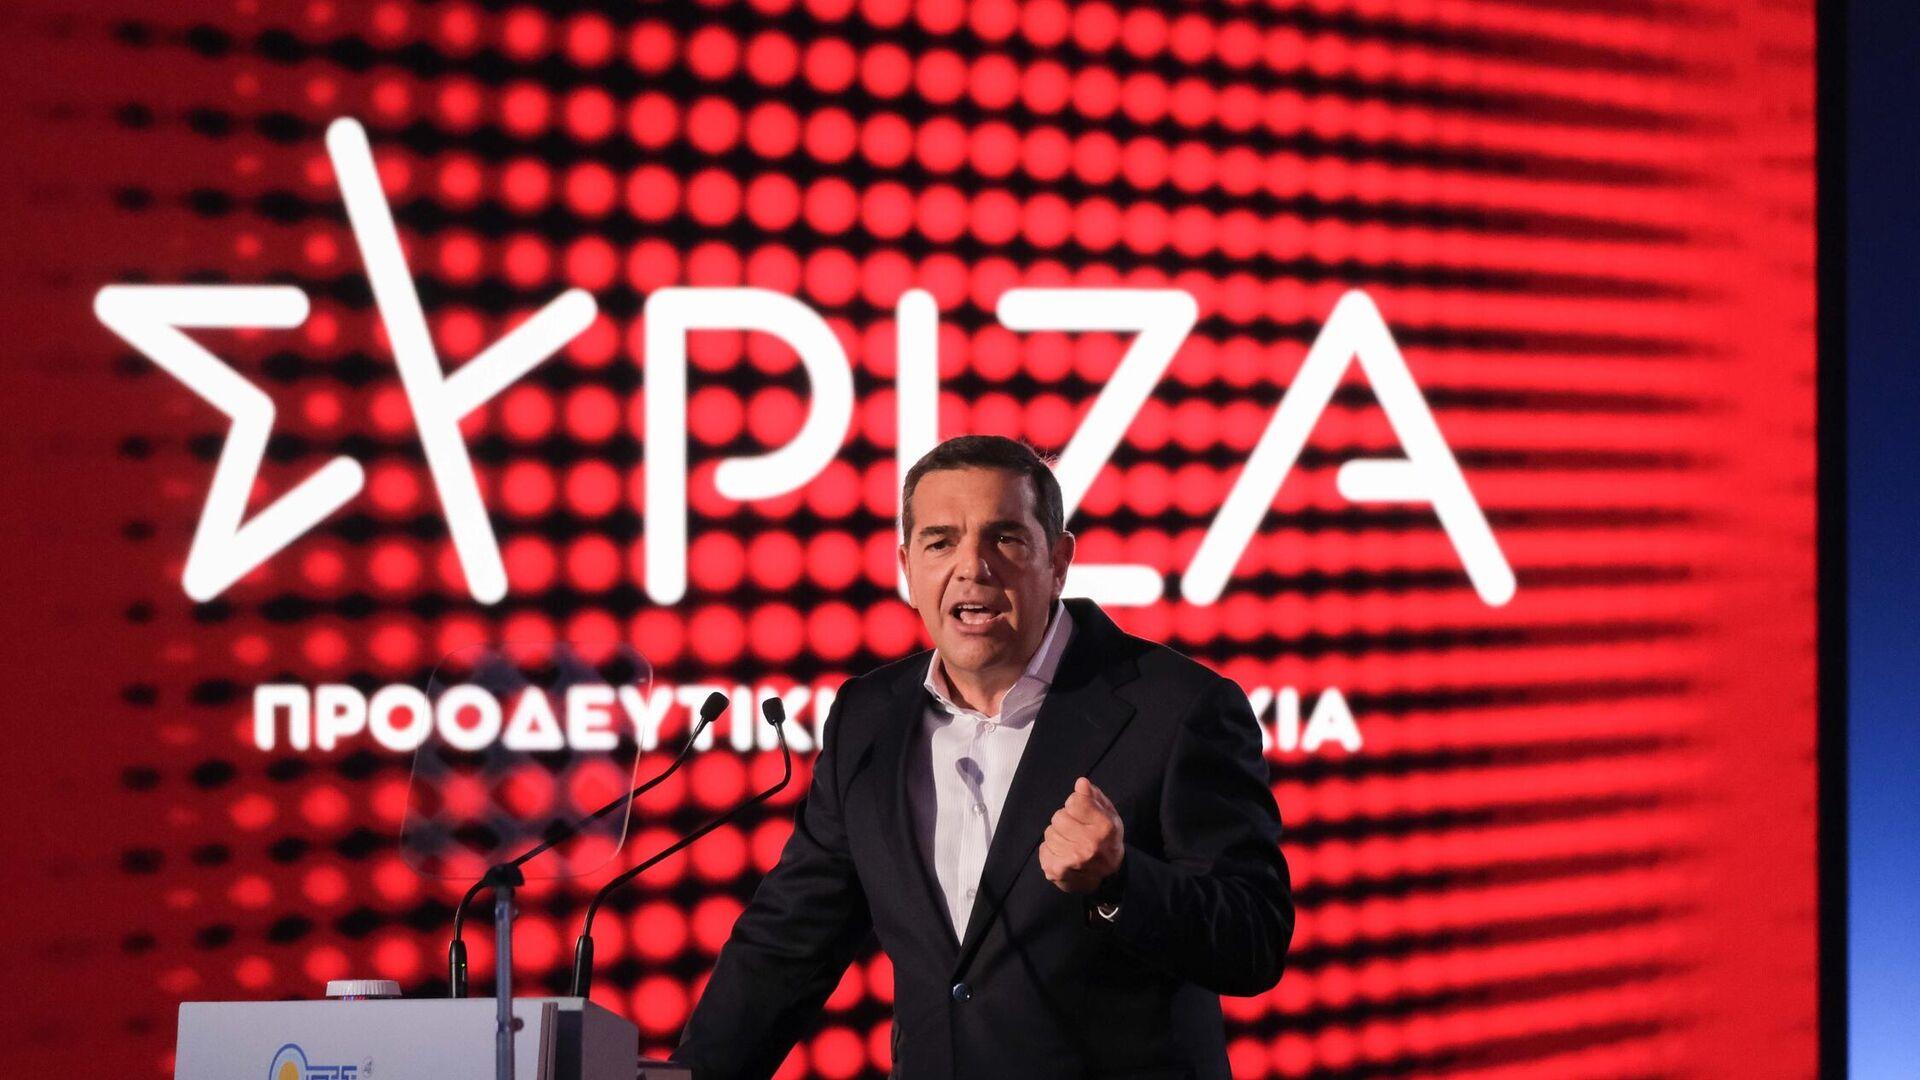 Ο Αλέξης Τσίπρας από το βήμα της ΔΕΘ - Sputnik Ελλάδα, 1920, 18.09.2021